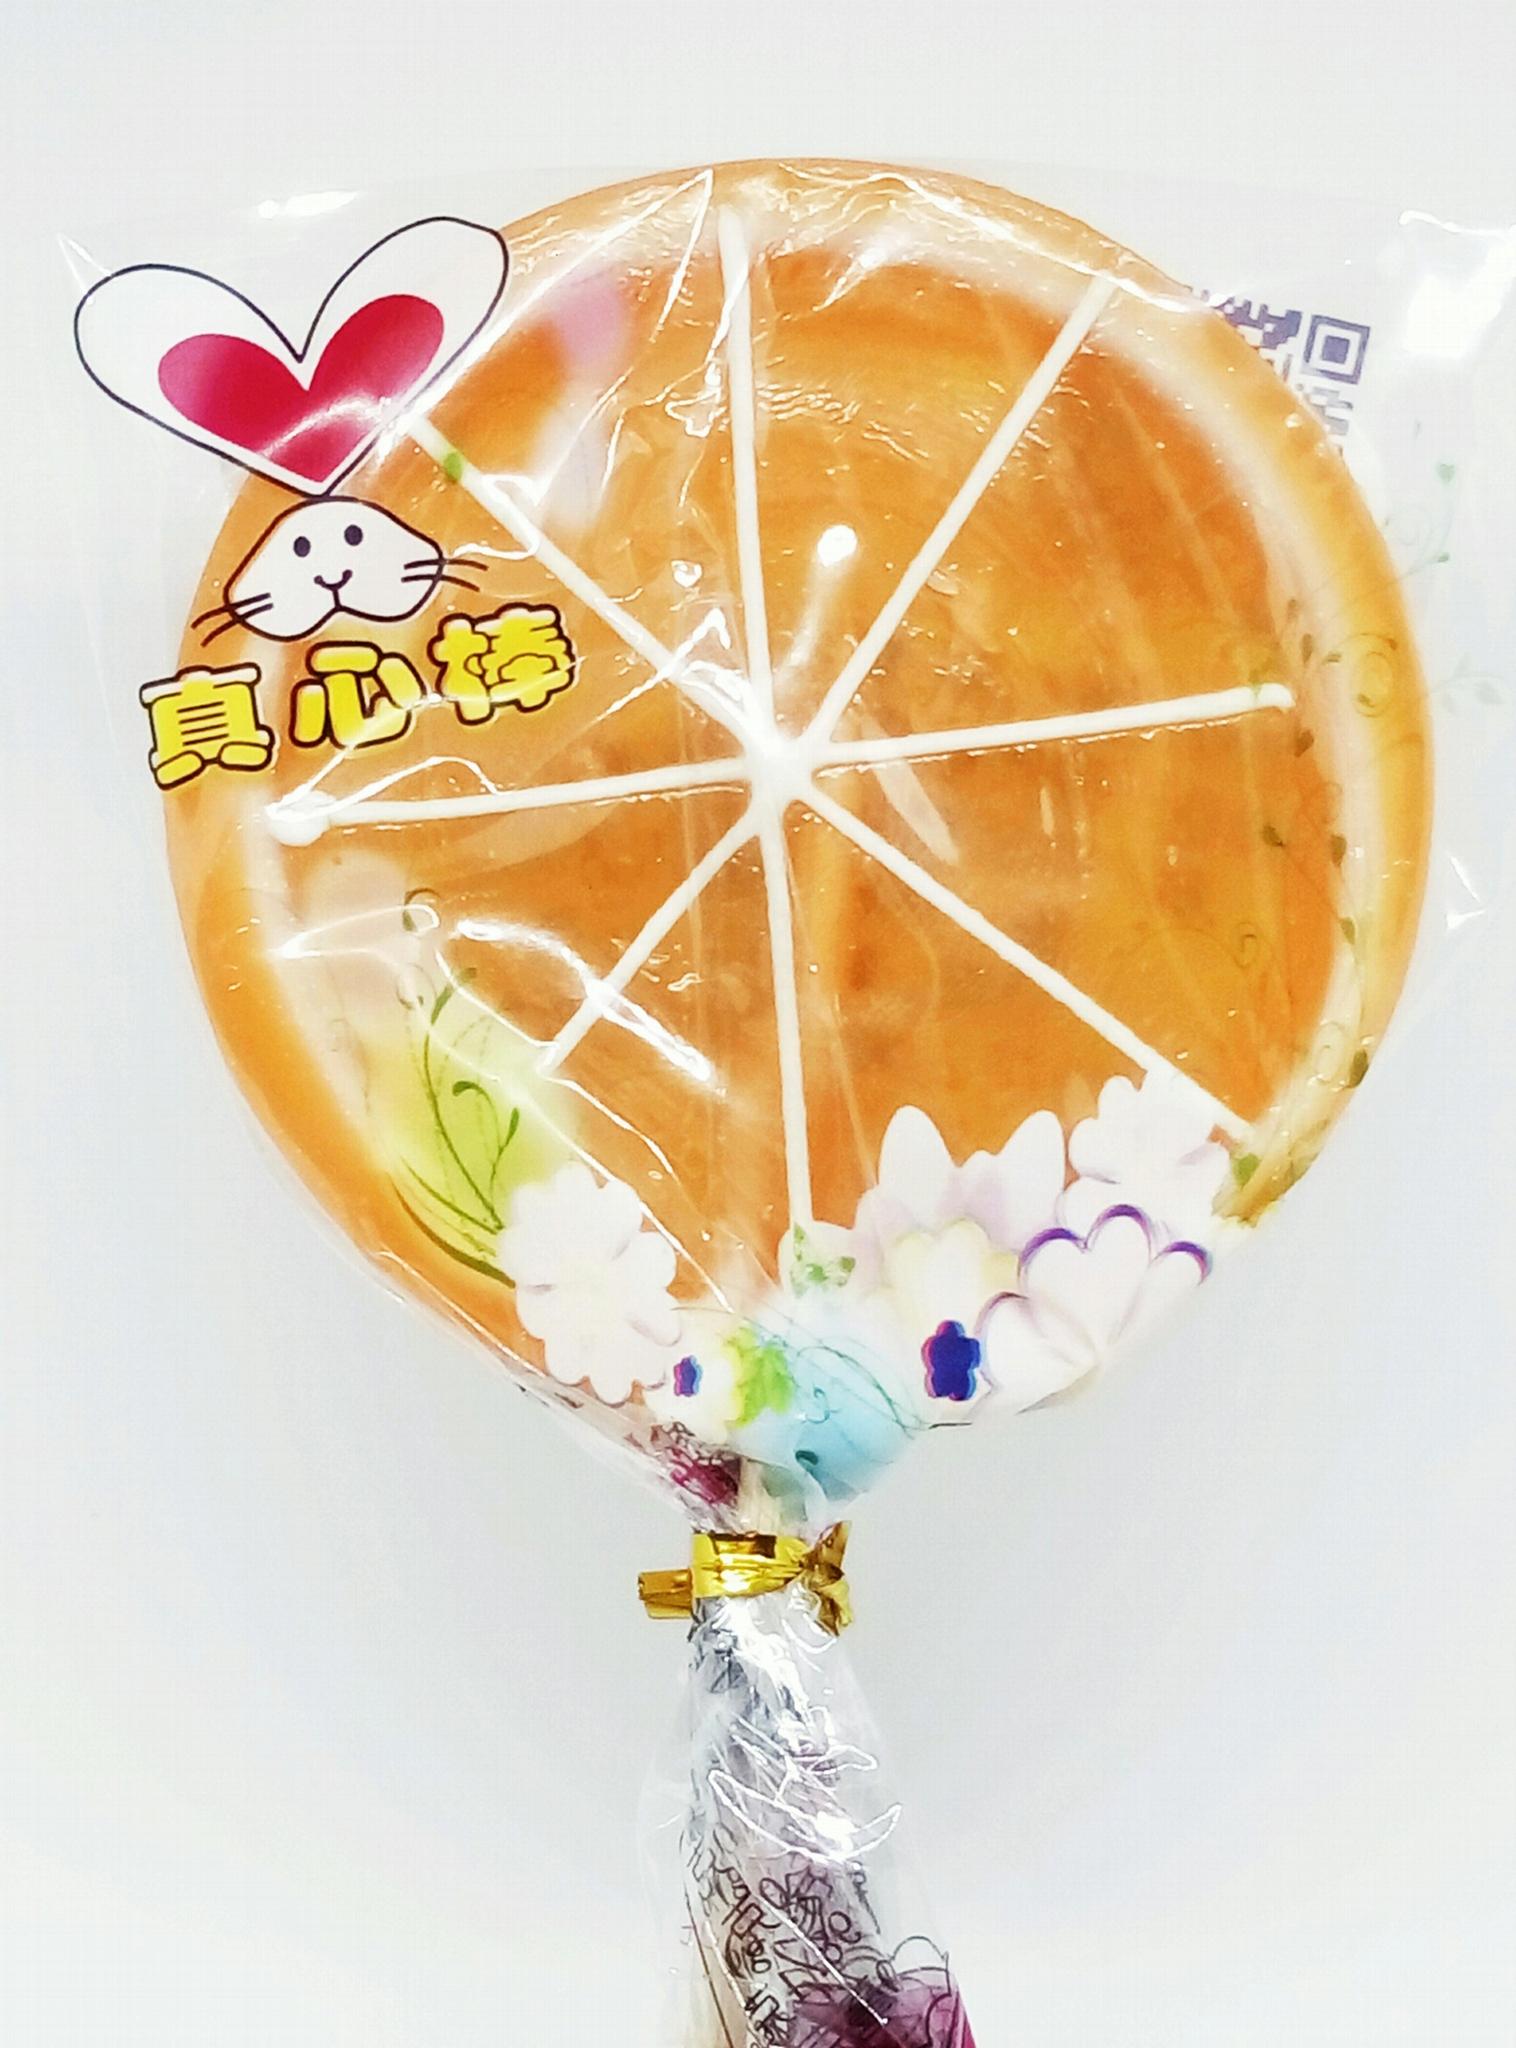 真心棒工艺水果造型棒棒糖 3